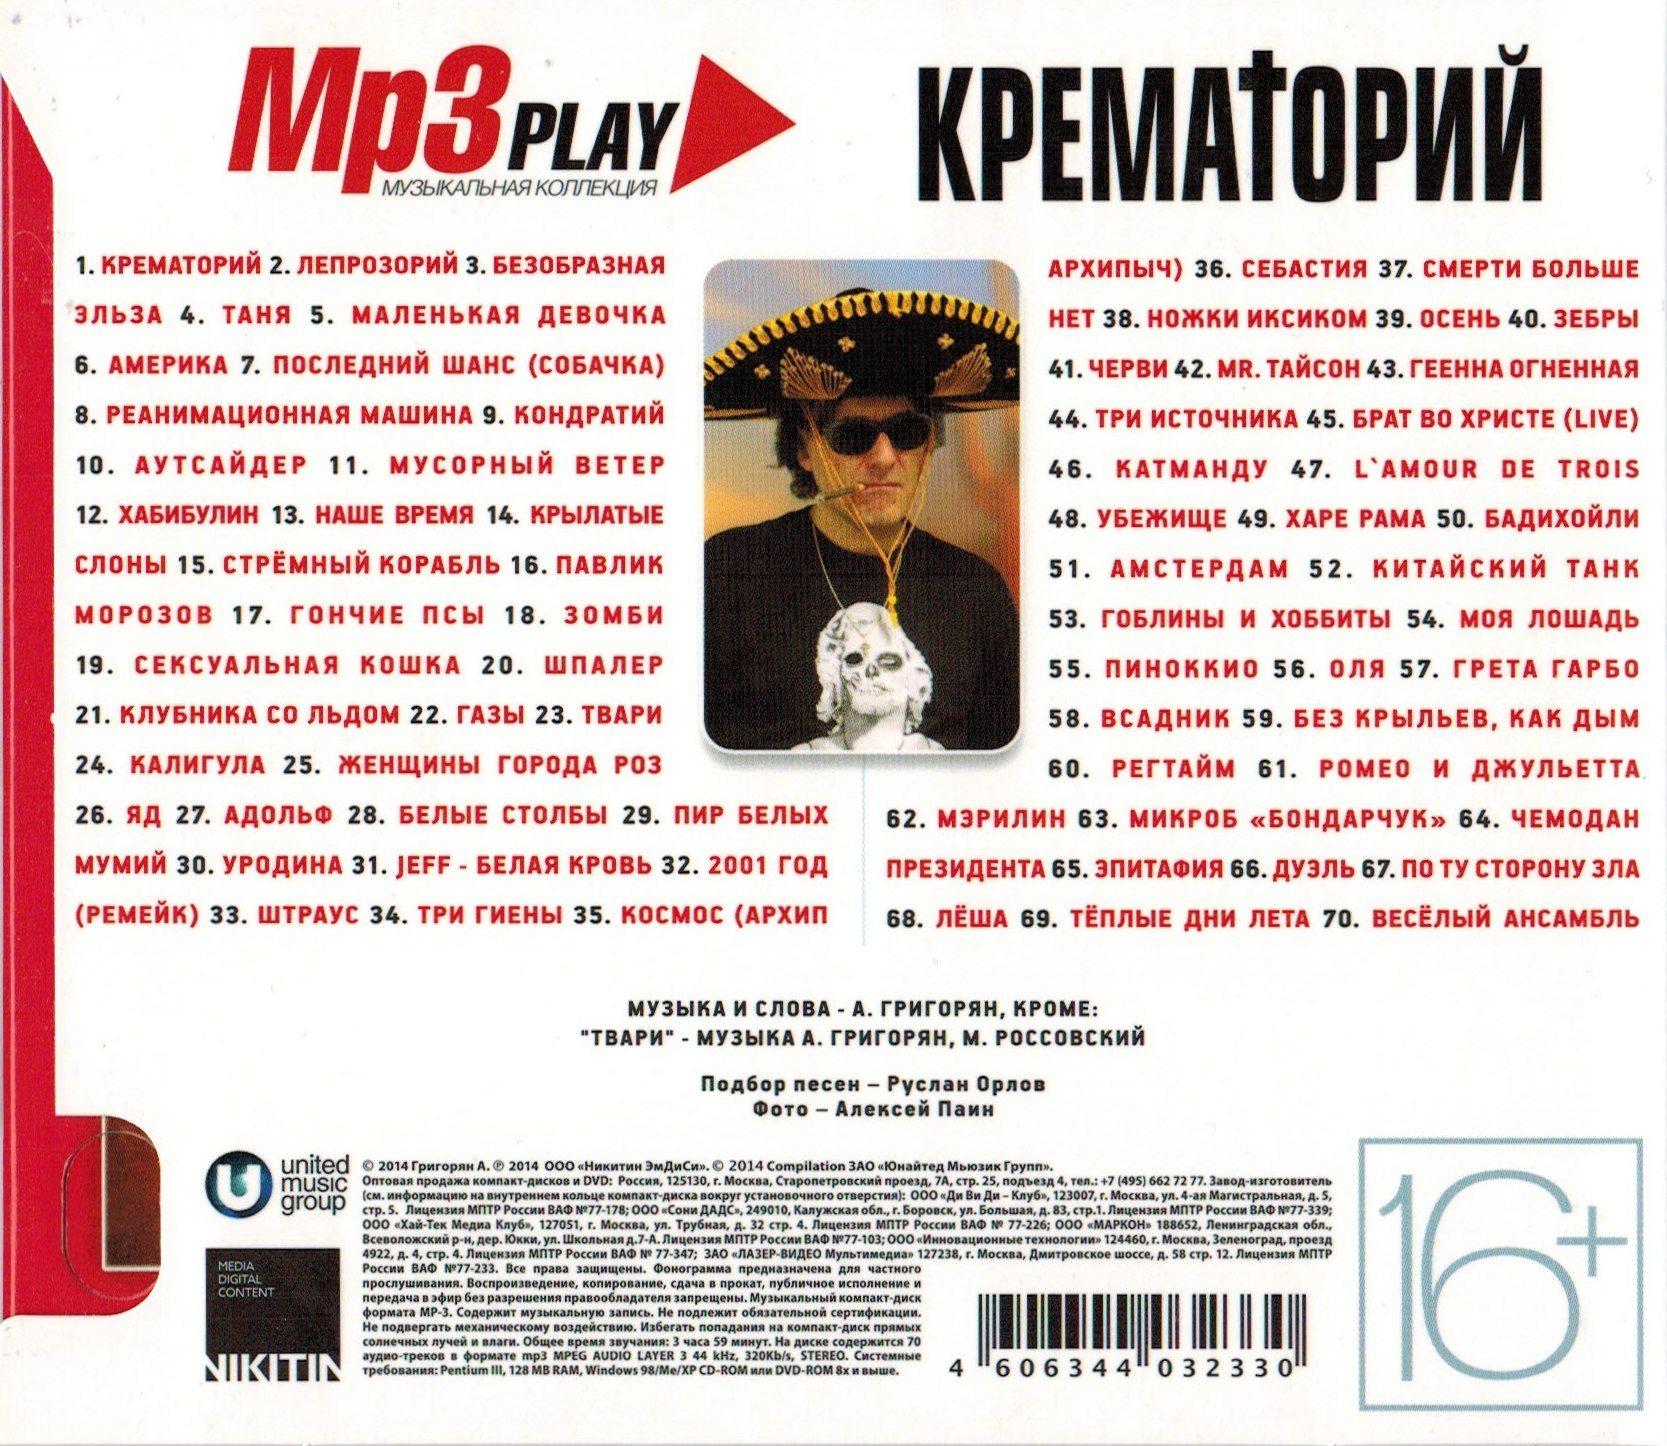 http://i5.imageban.ru/out/2014/10/22/32324fe95538c70817ab7886635d4e19.jpg